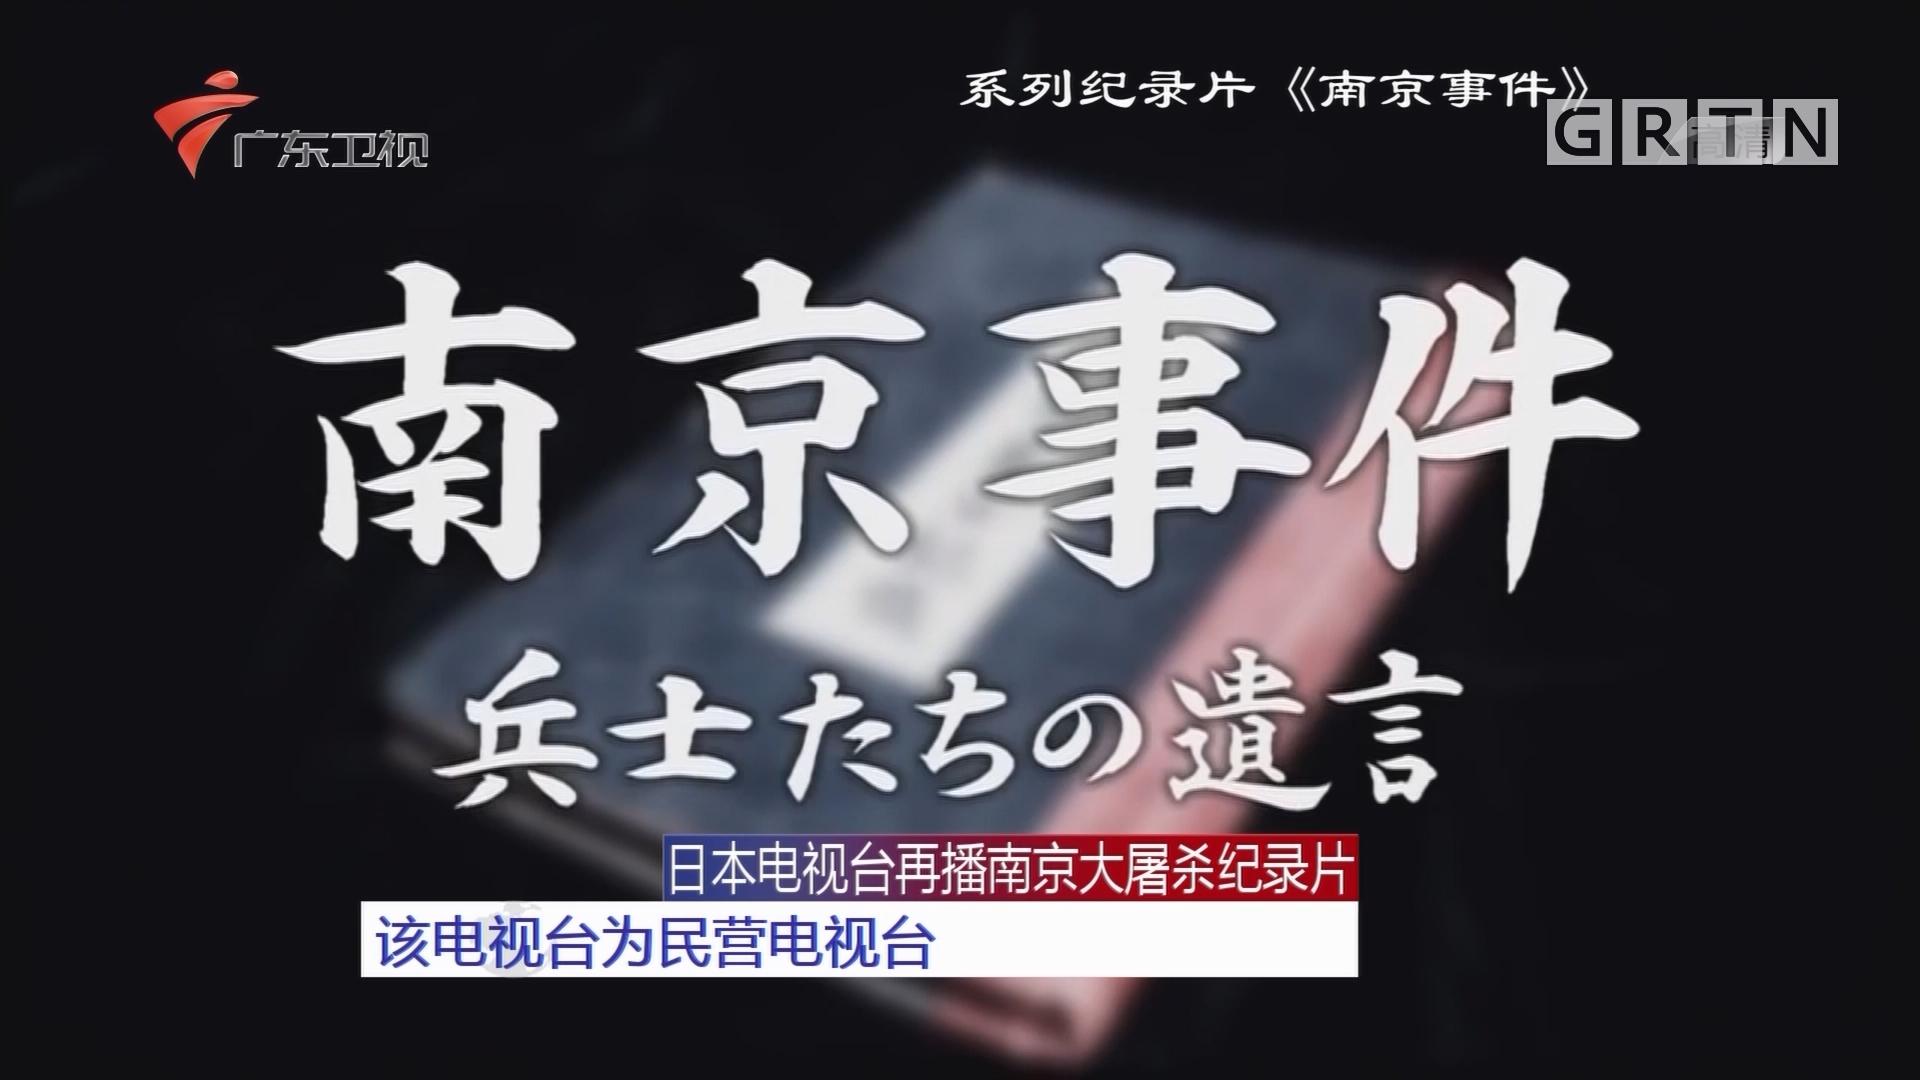 日本电视台再播南京大屠杀纪录片 该电视台为民营电视台